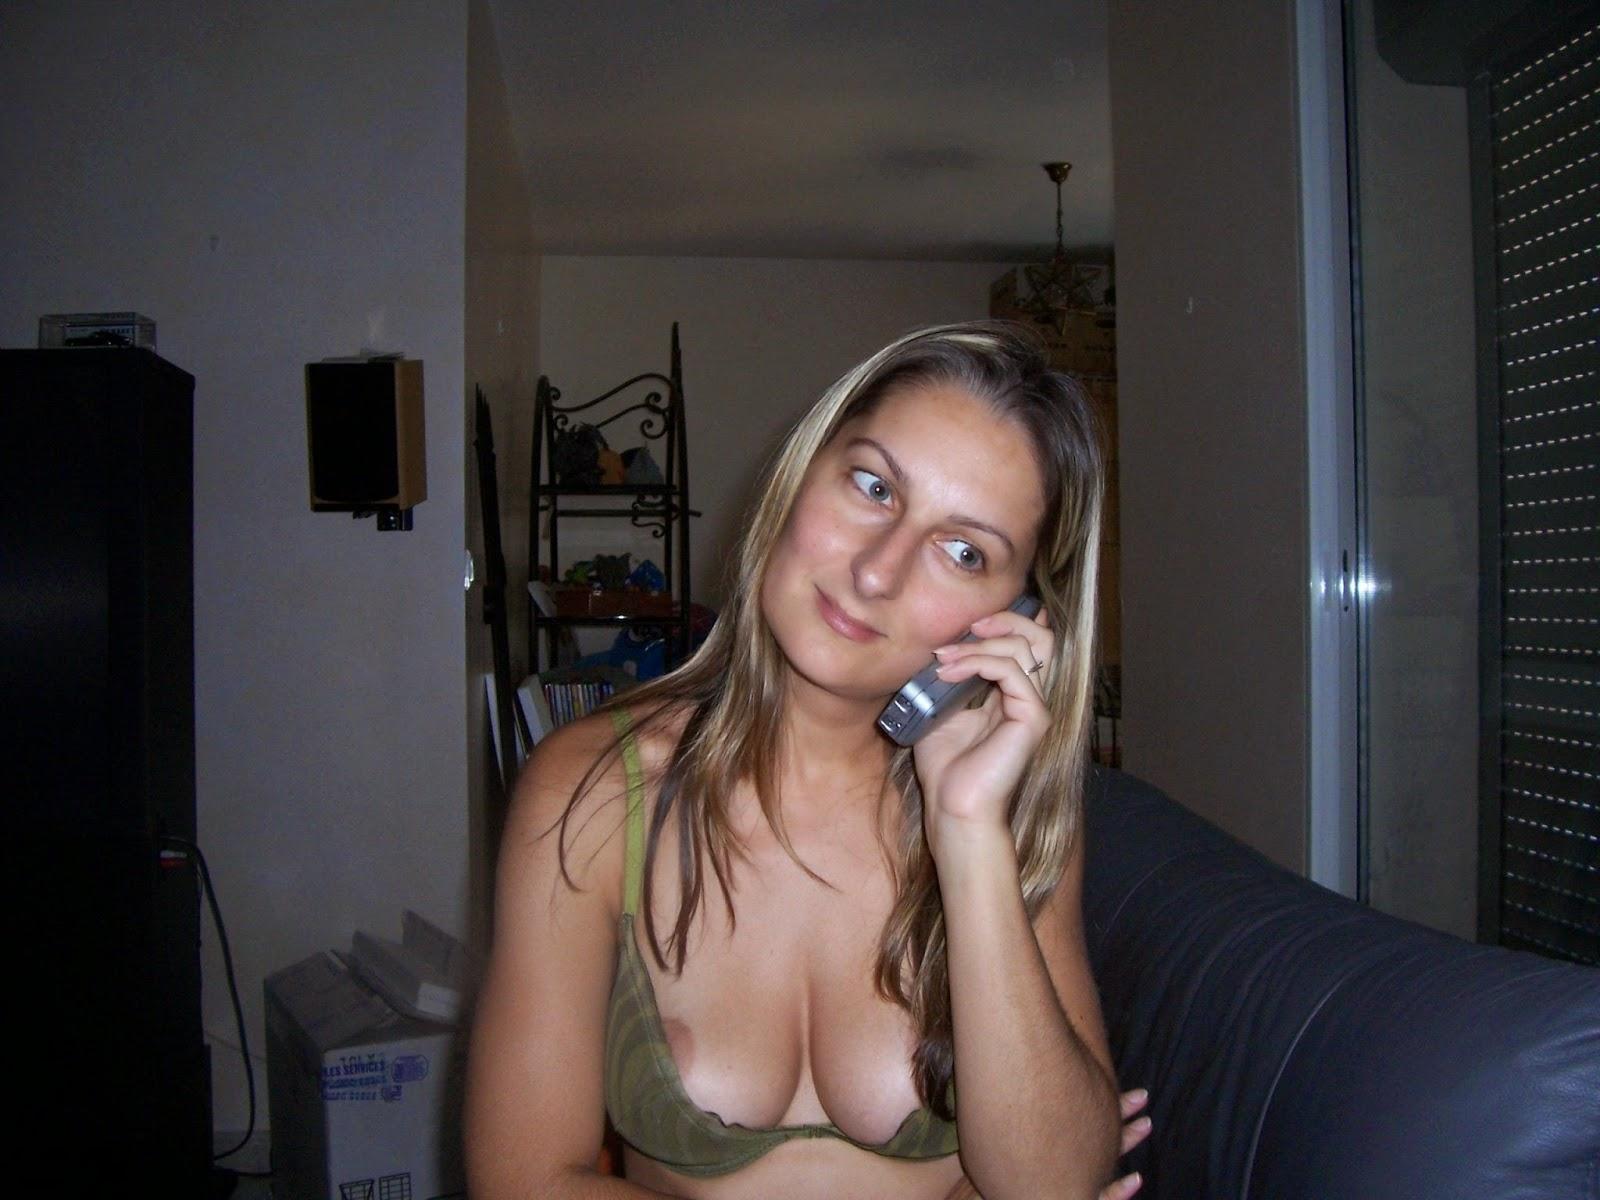 Autofotos De Chicas Desnudas Senos Pequeños fotos xxx uruguay